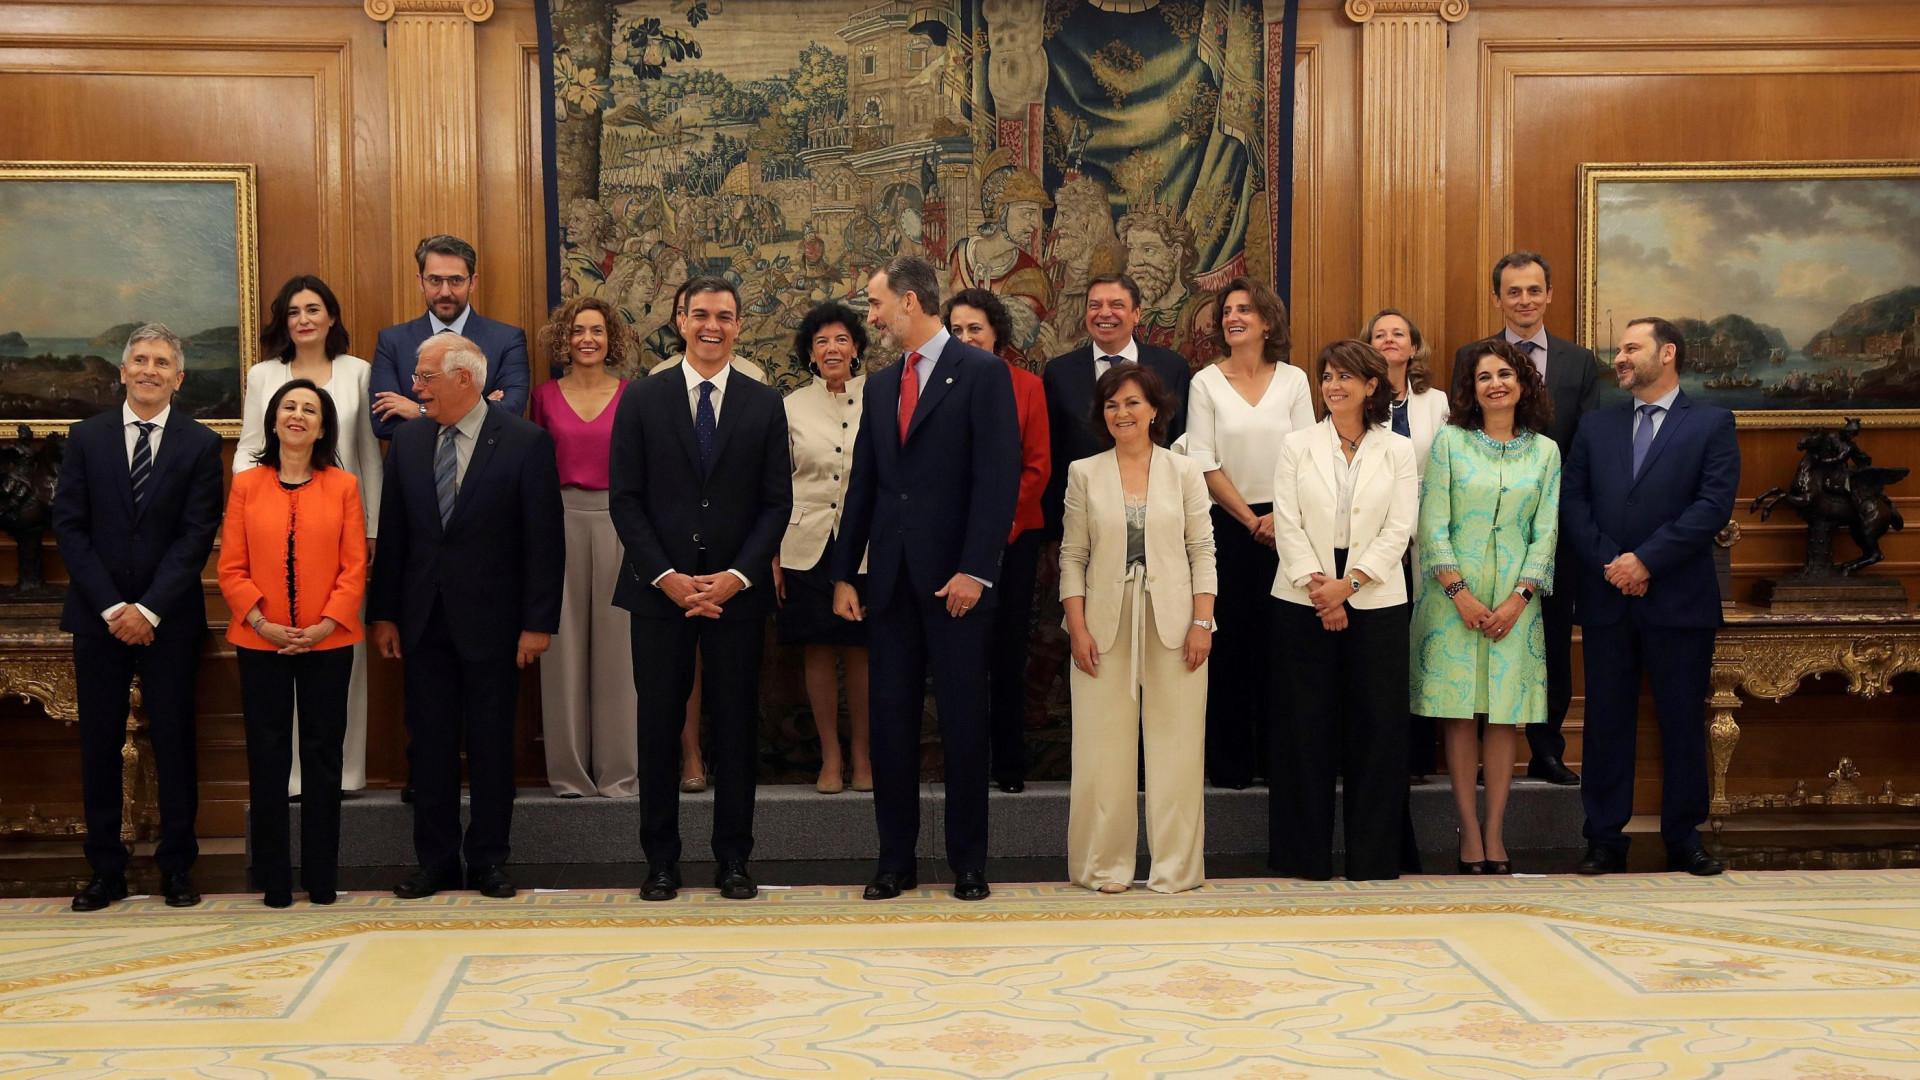 Novo governo espanhol de Pedro Sanchéz tomou posse